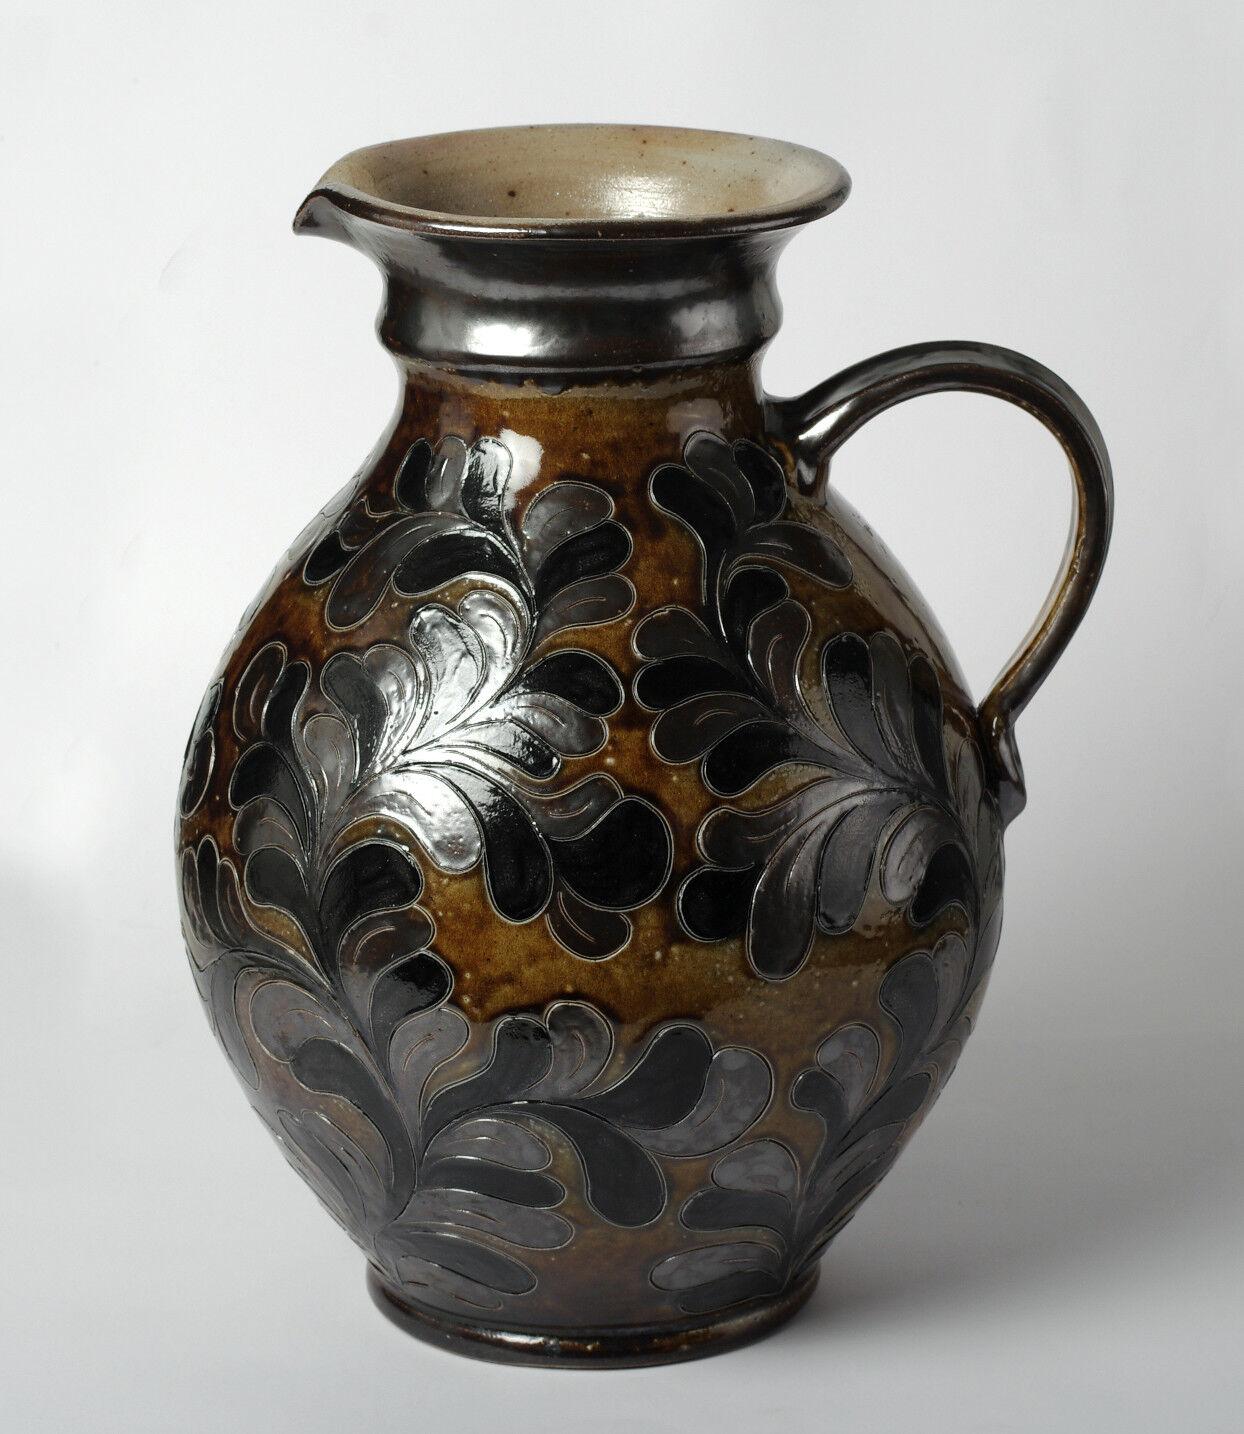 Großer Steinzeug Krug Krugvase Ritzdekor Blätterdekor gemark BE Bodenvase